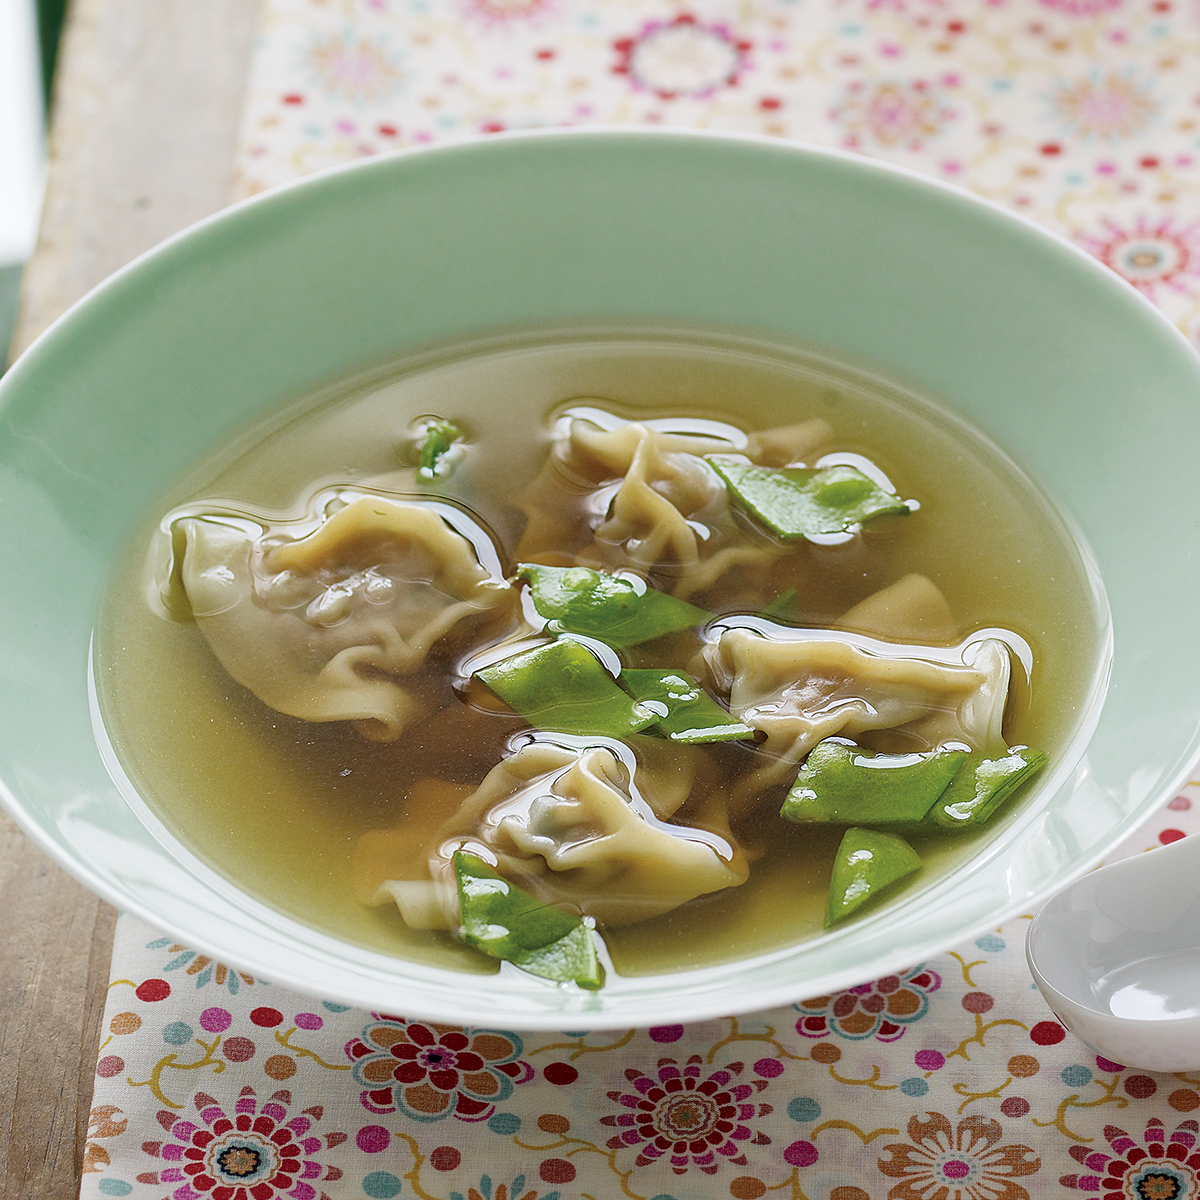 Samurai Soup